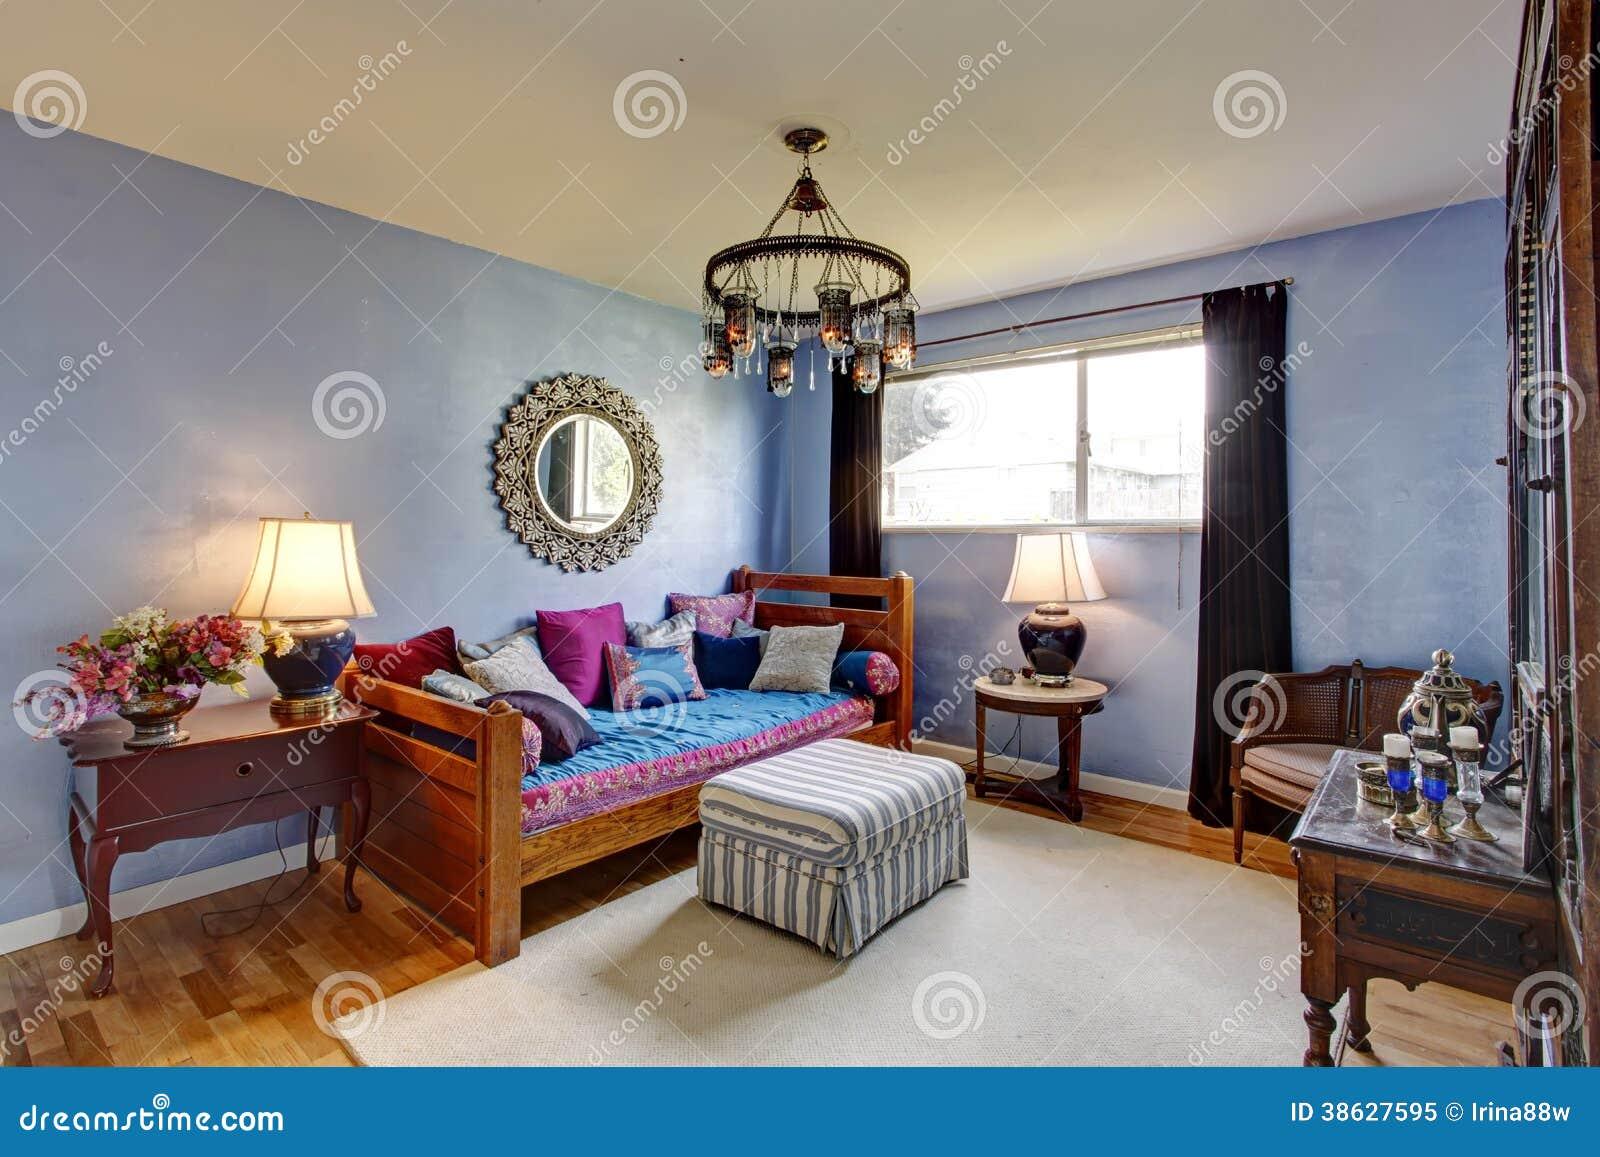 Chambre à coucher meublée par antiquité bleue photo libre de ...